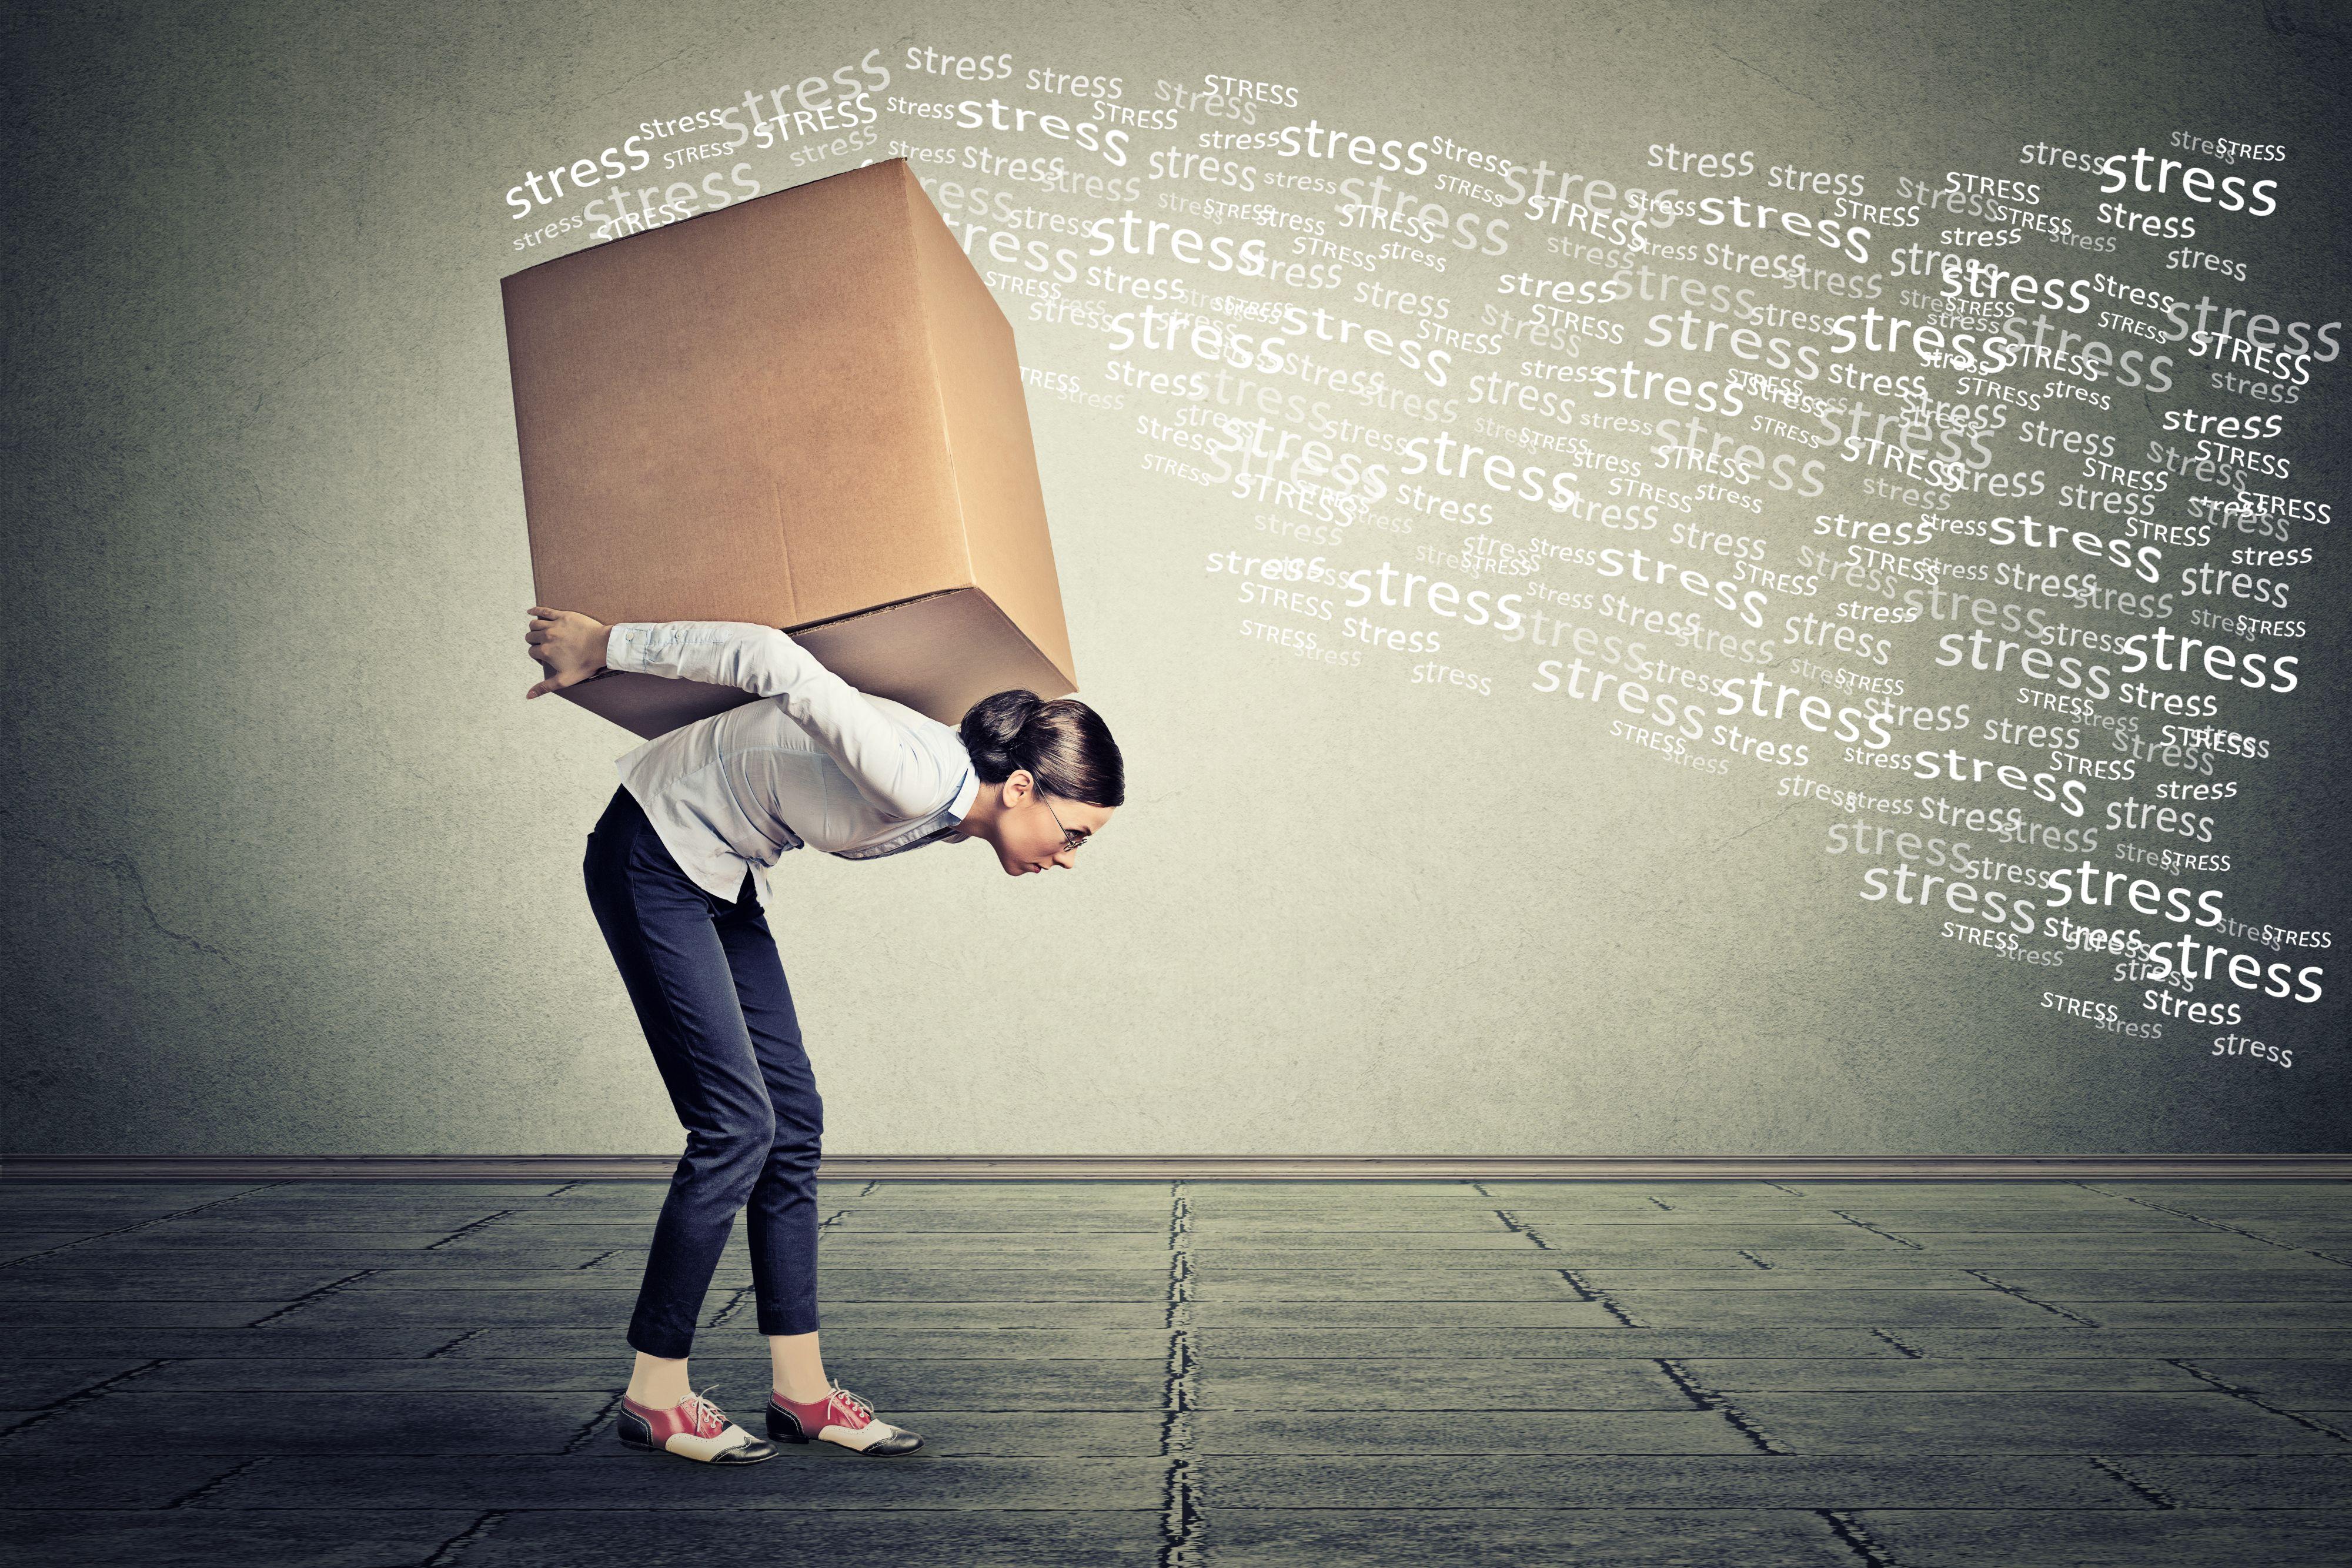 Najczęściej u pracowników mierzących się z syndromem pojawiają się problemy ze snem, zmęczenie, spadek odporności. (Fot. Shutterstock)